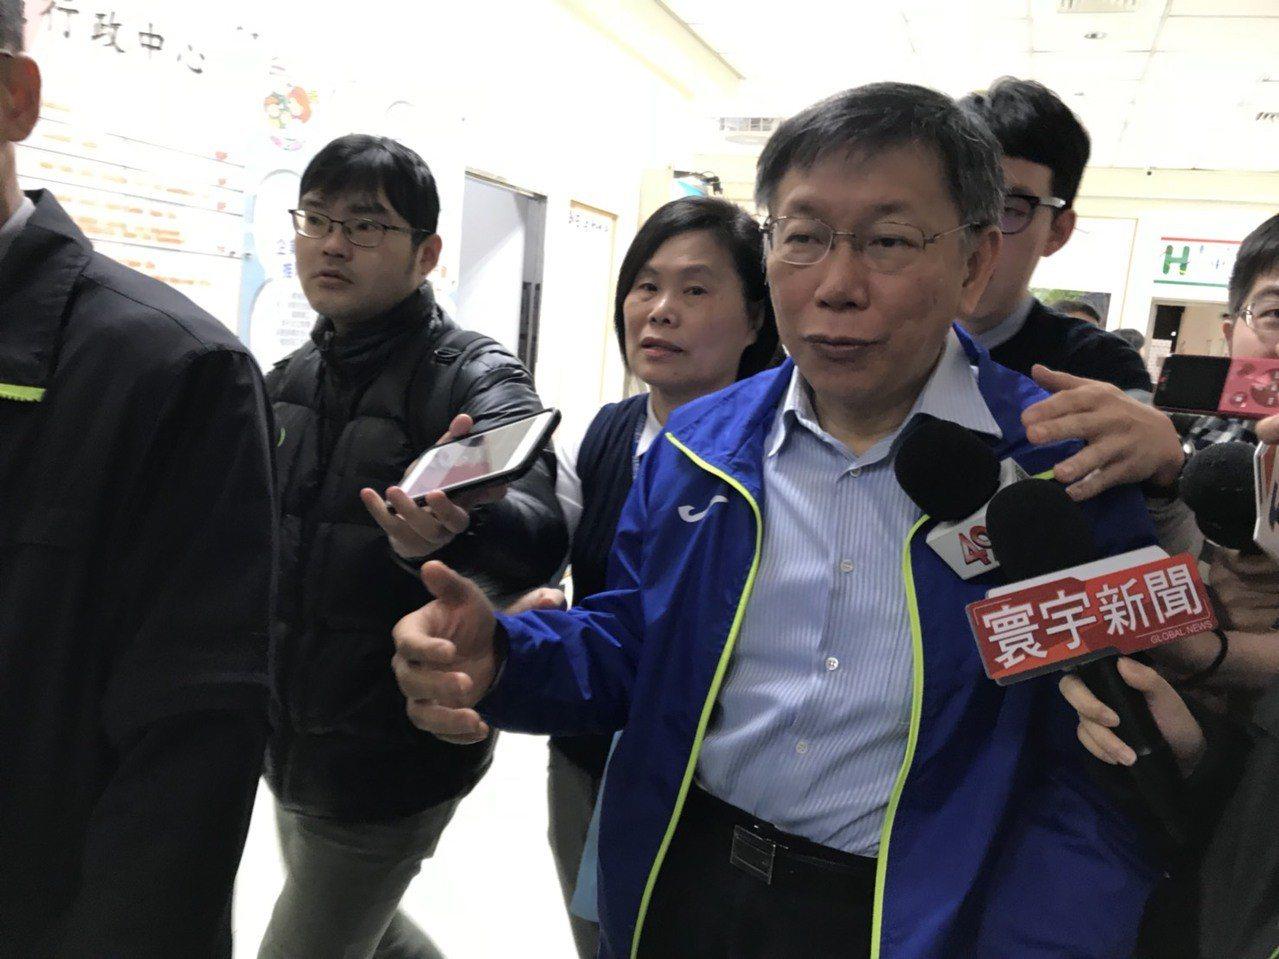 台北市長柯文哲上午出席中山區里長座談會。記者莊琇閔/攝影